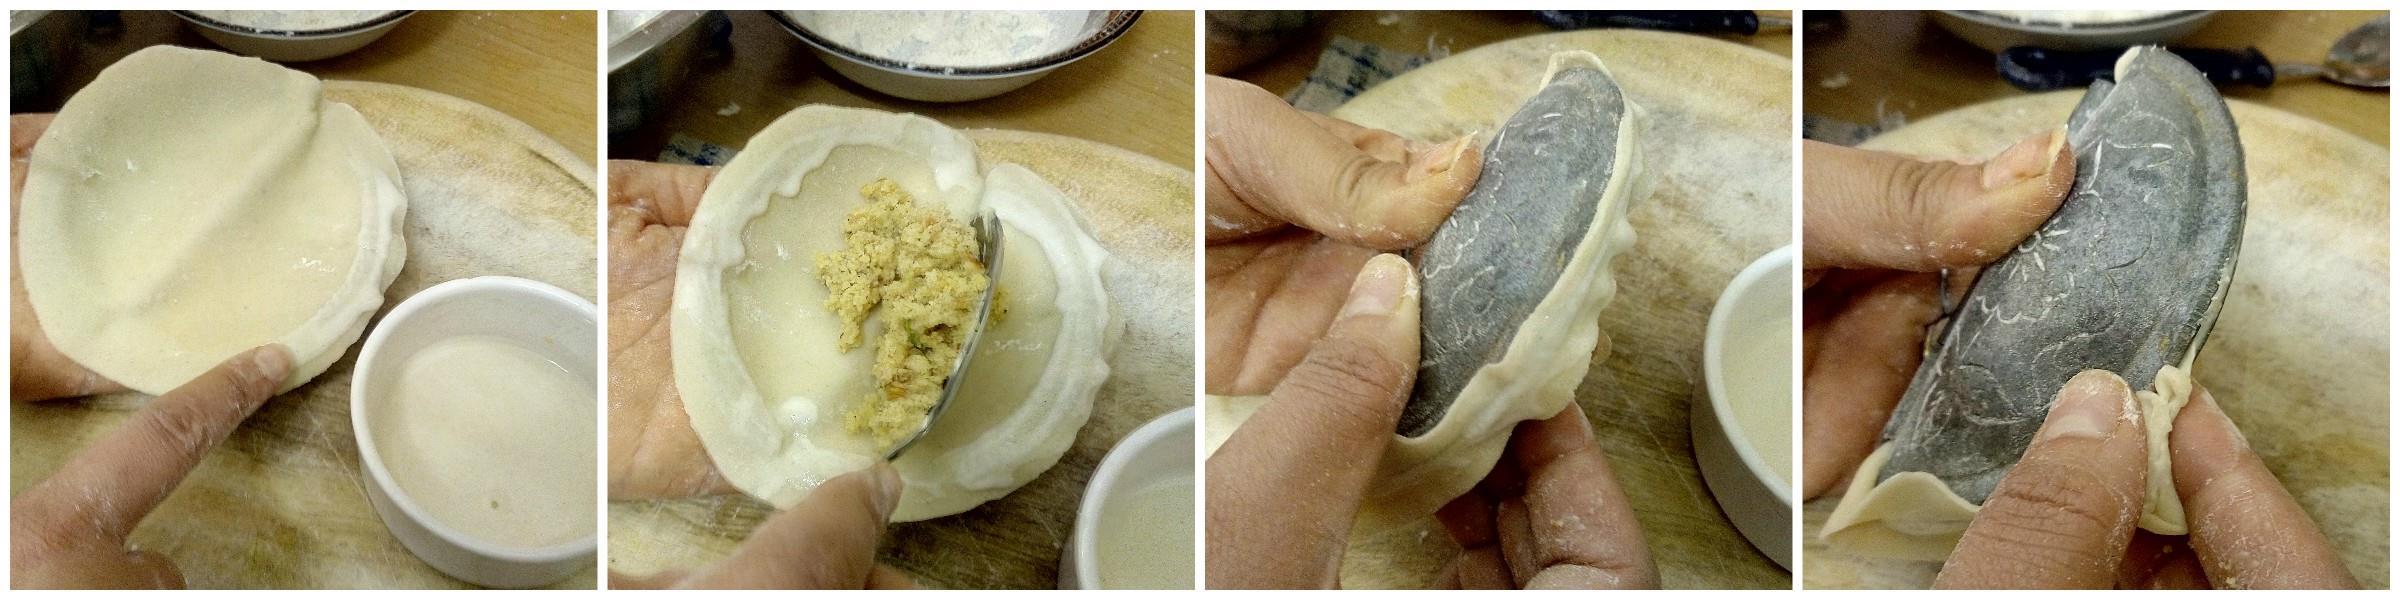 gujiya recipe step 4